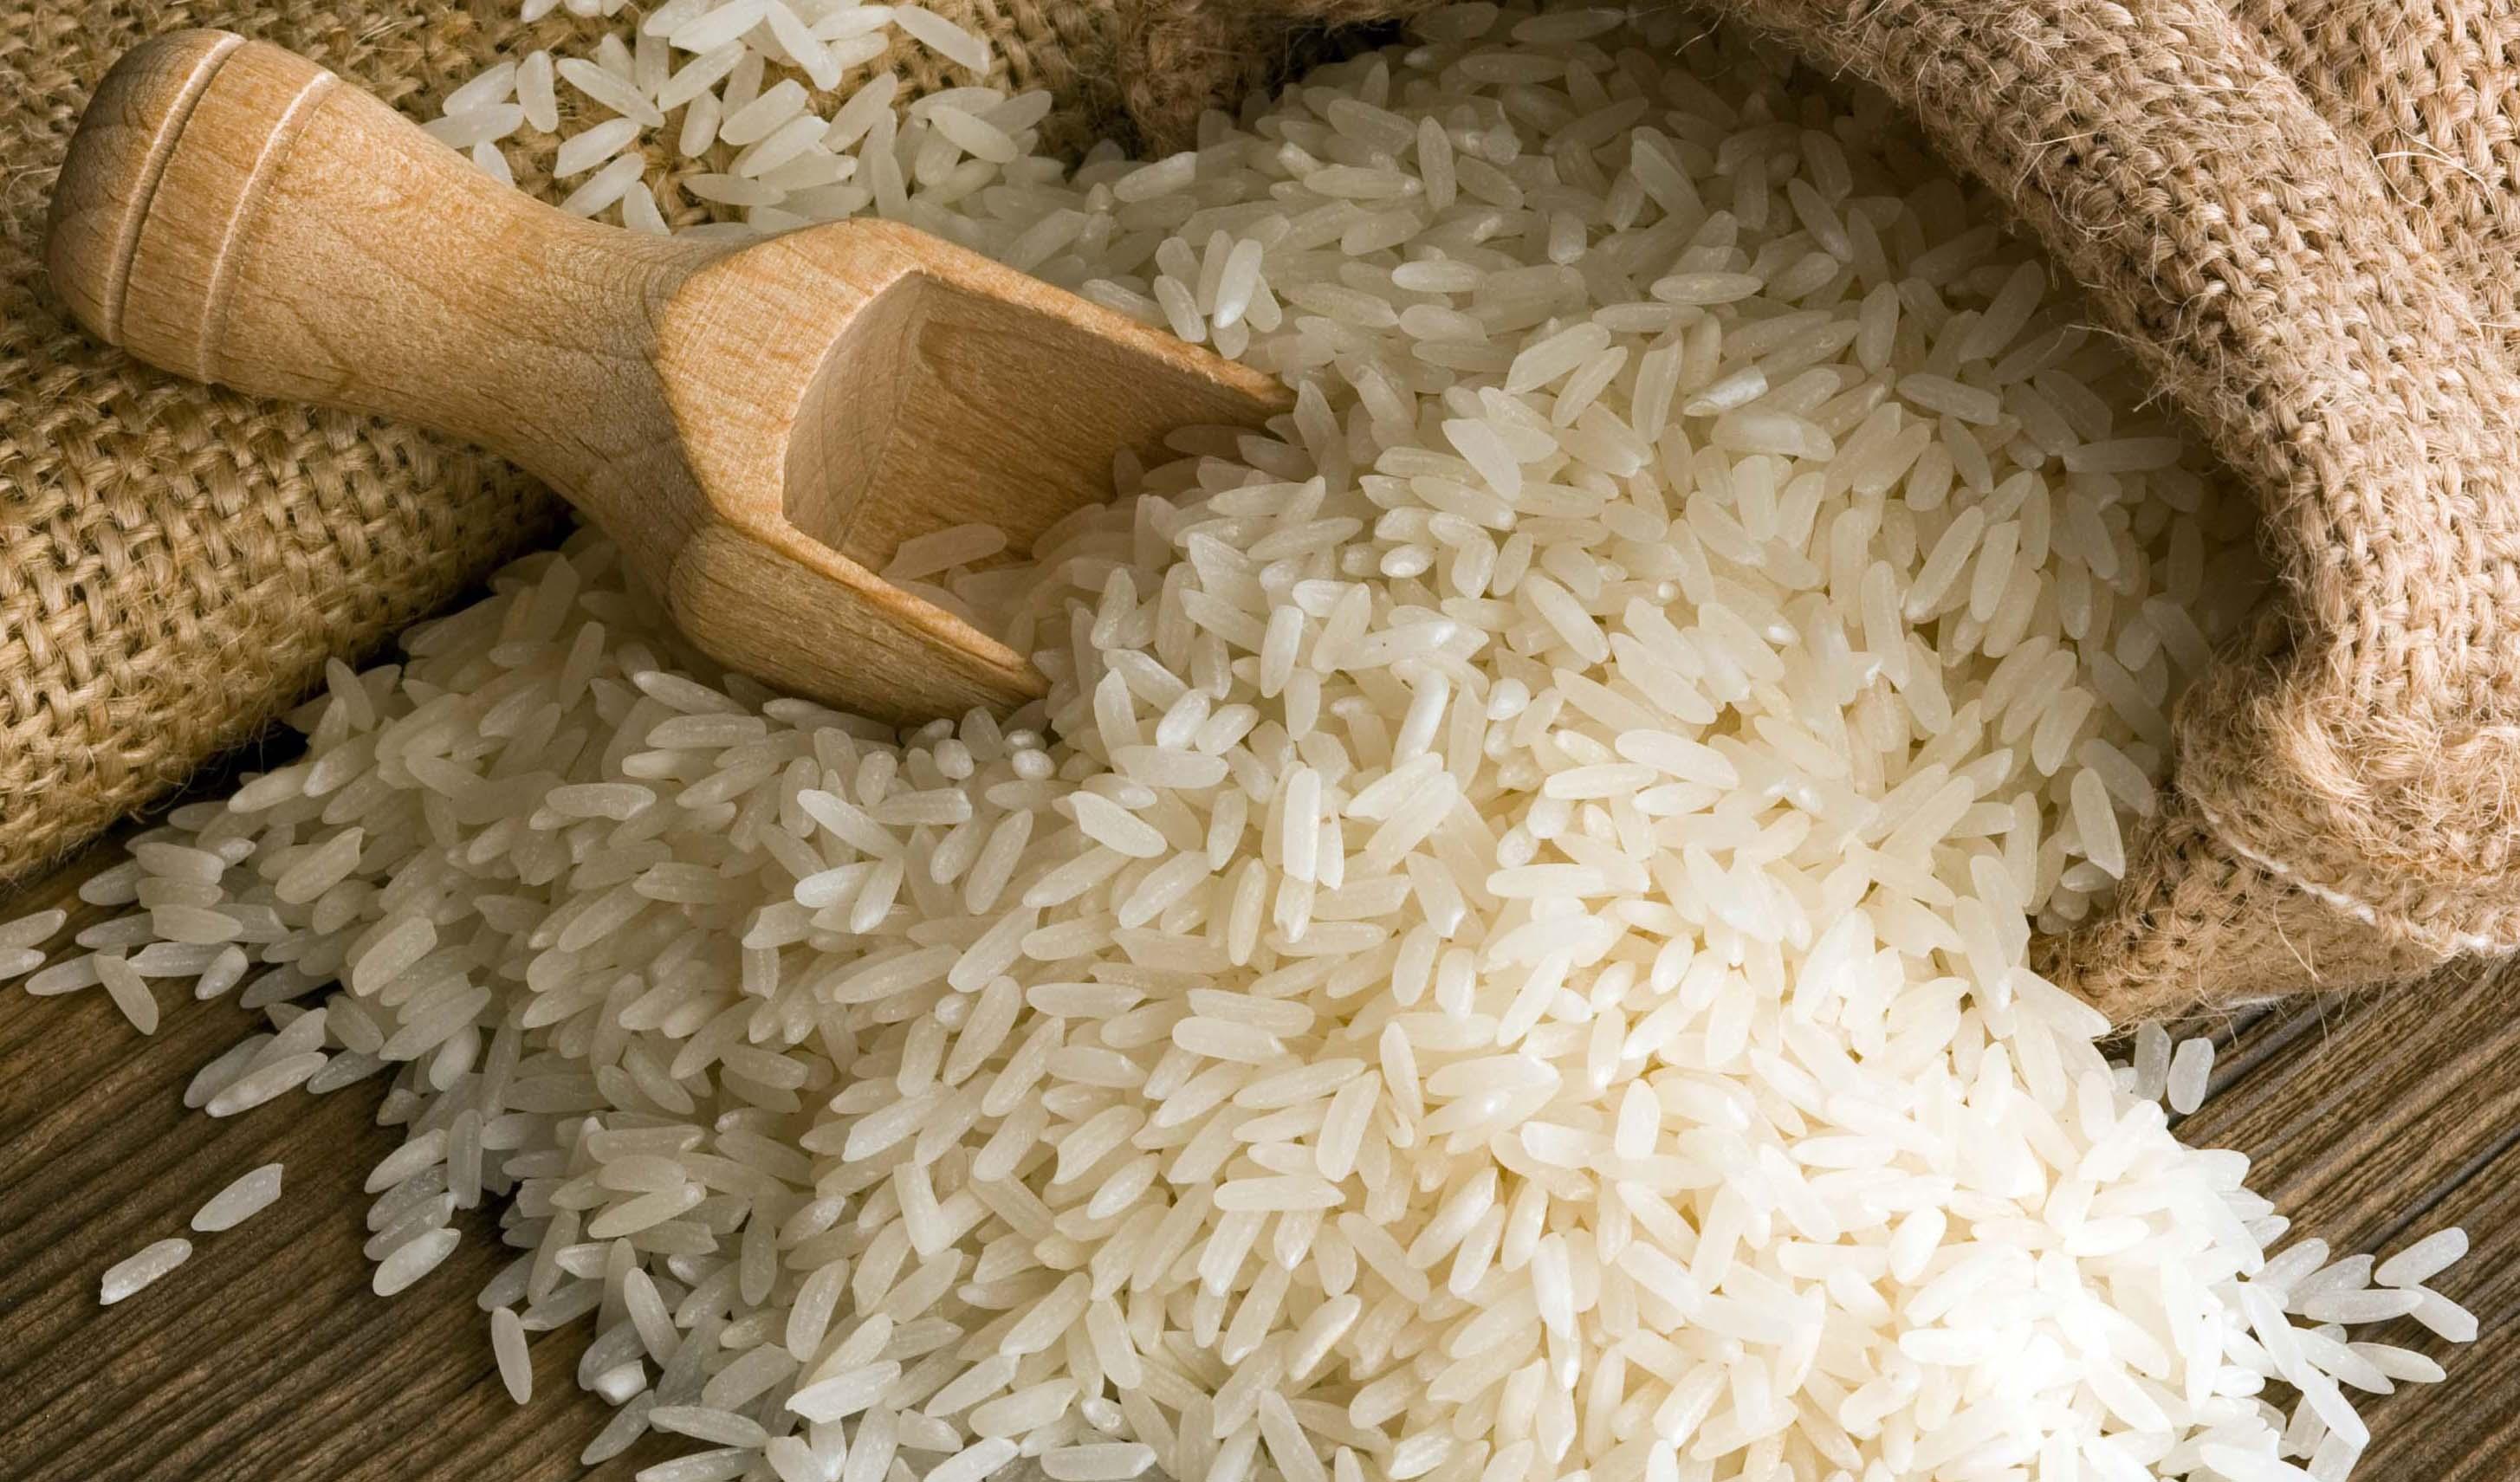 قیمت کیفیترین برنج داخلی نباید بیشتر از ۲۰ هزار تومان باشد/ بهاری بدون شوک قیمتی پیش رو داریم